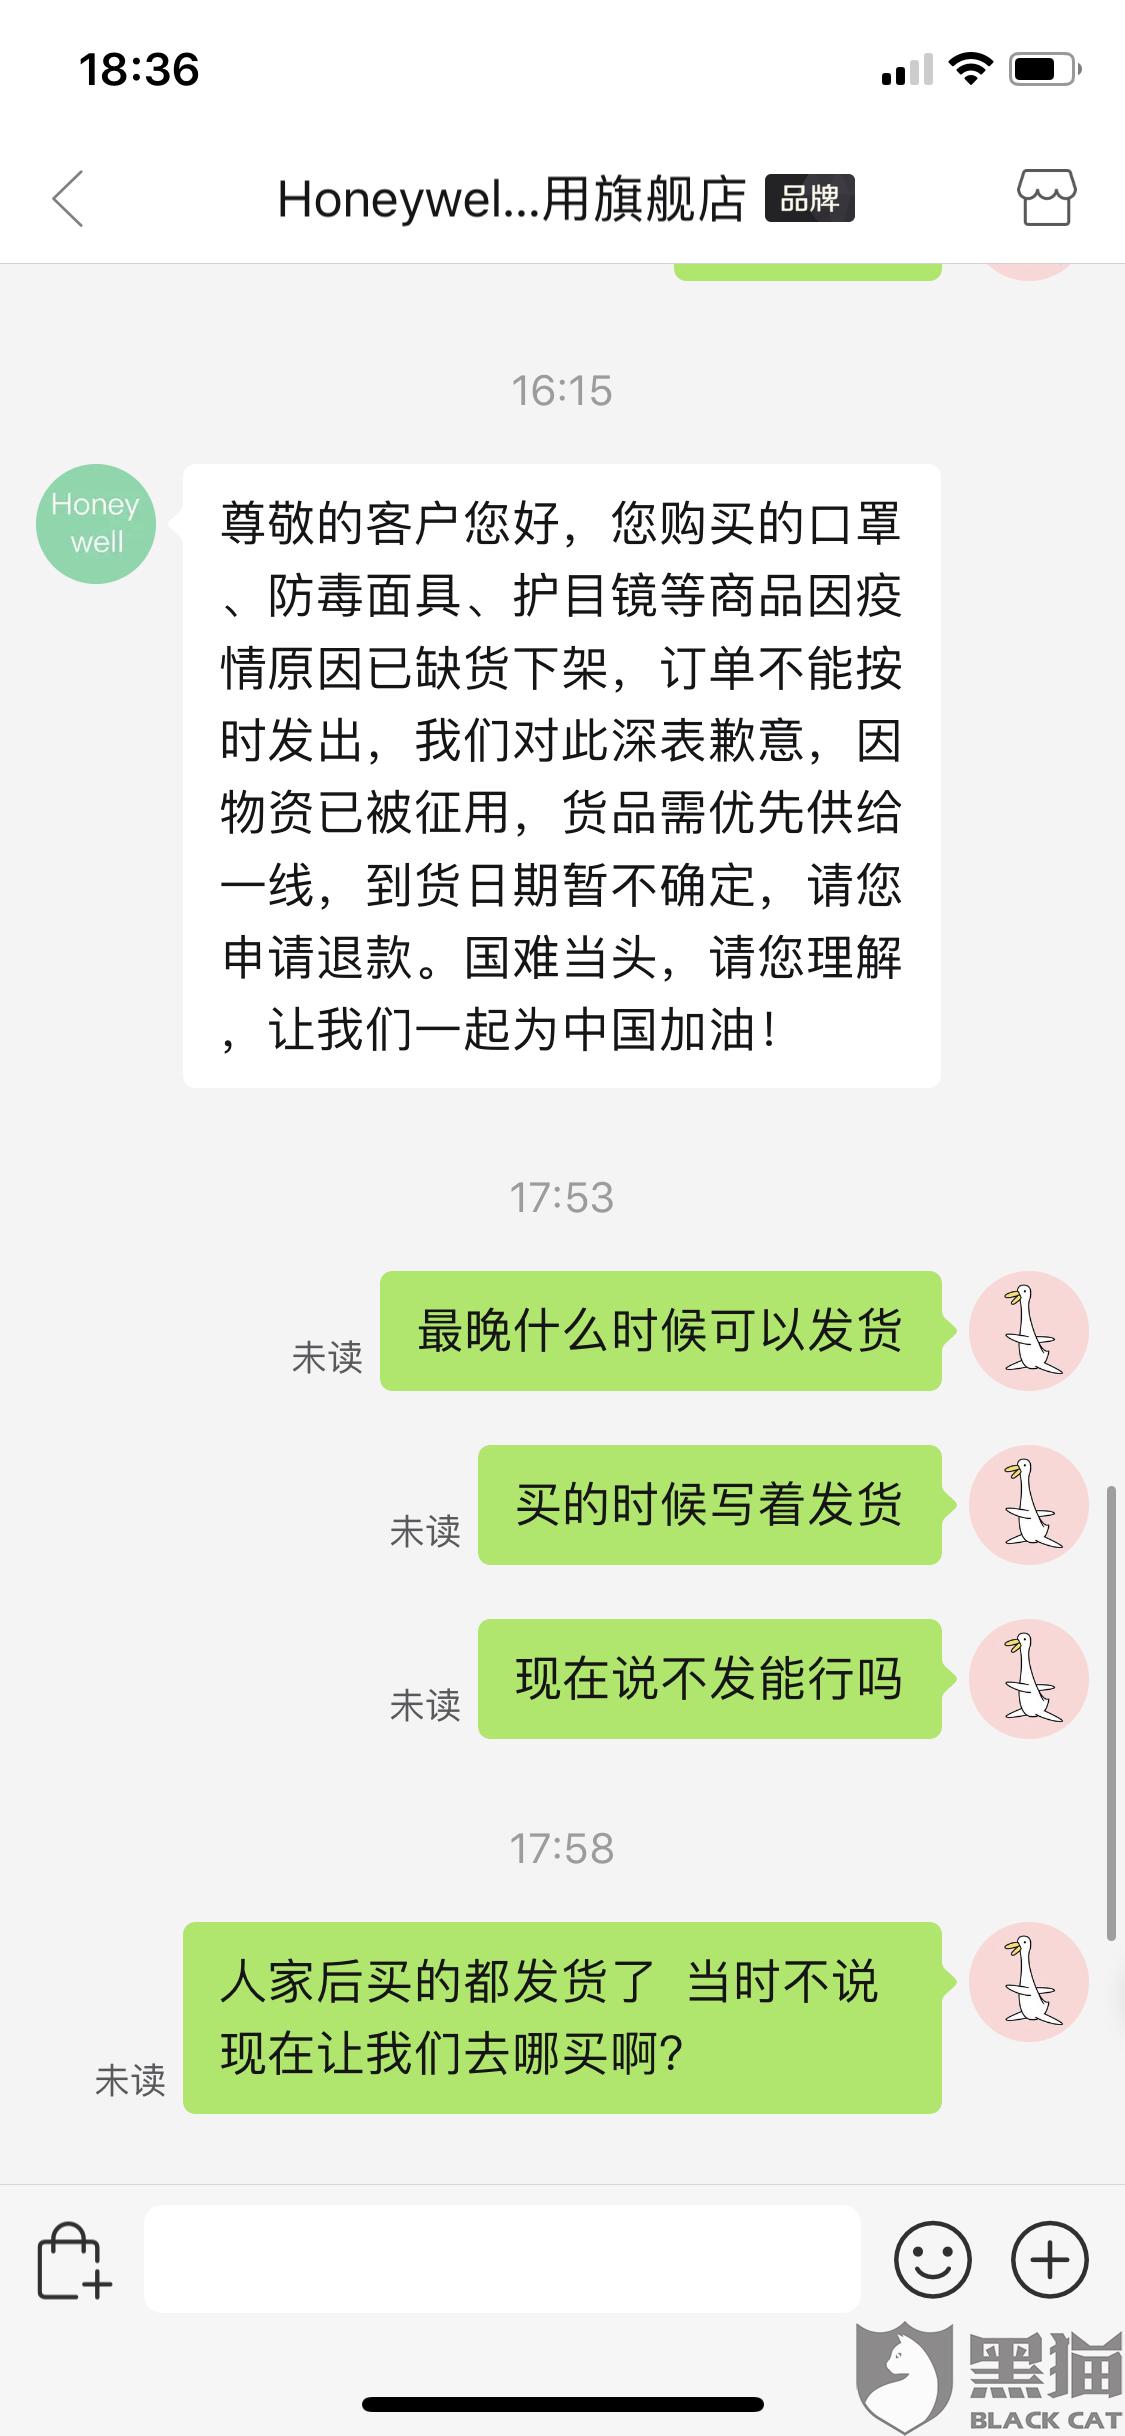 黑猫投诉:Honeywell居家日用旗舰店 椒棱劳保用品超市拒不发货